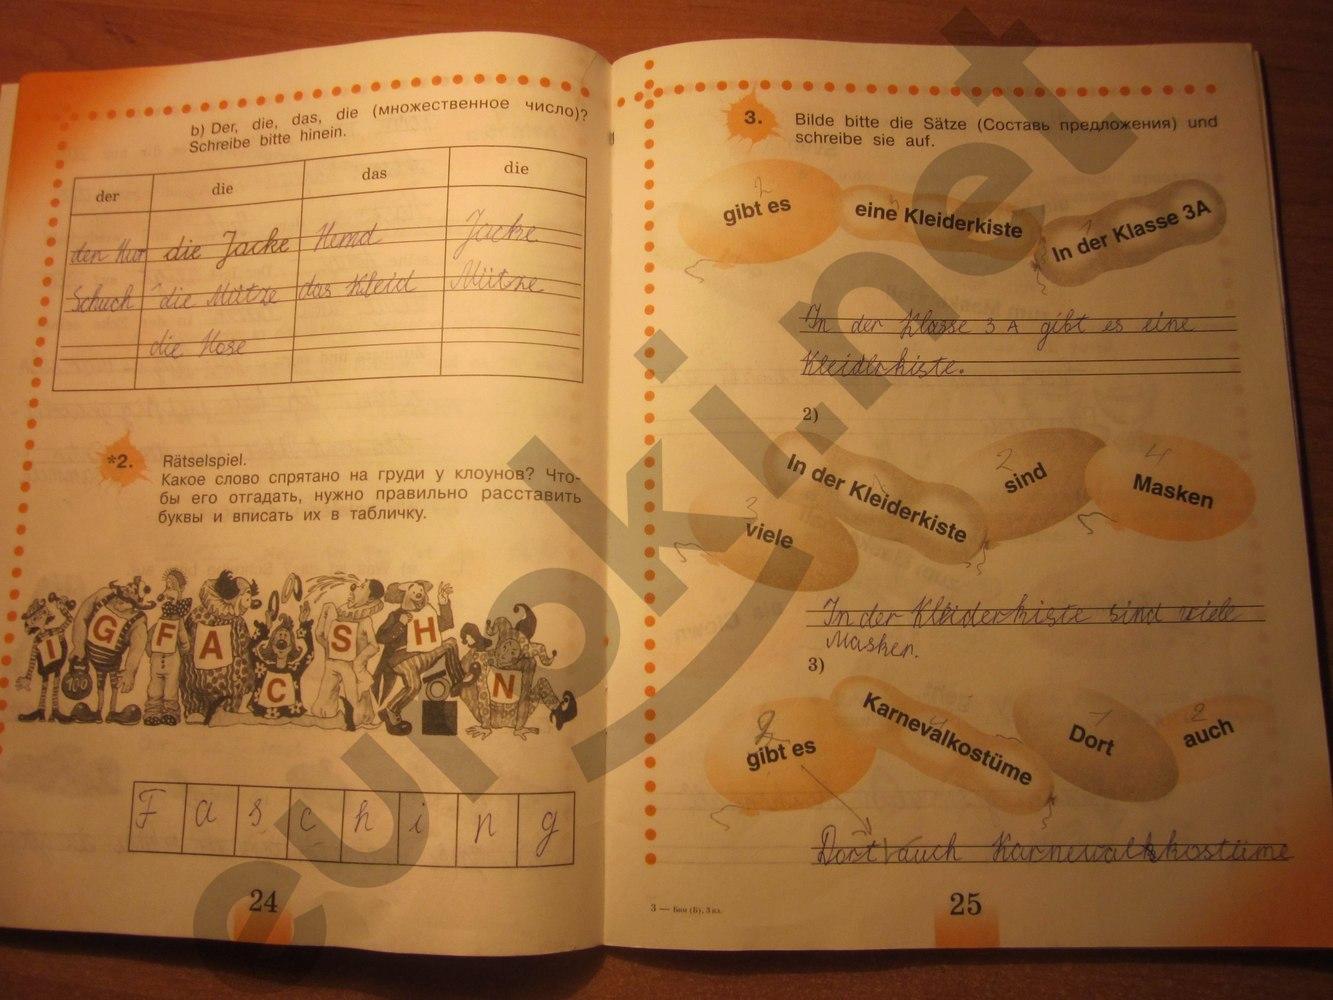 ГДЗ по немецкому языку 3 класс рабочая тетрадь Бим И.Л. Рыжова Л.И. Часть 2. Задание: стр. 24-25